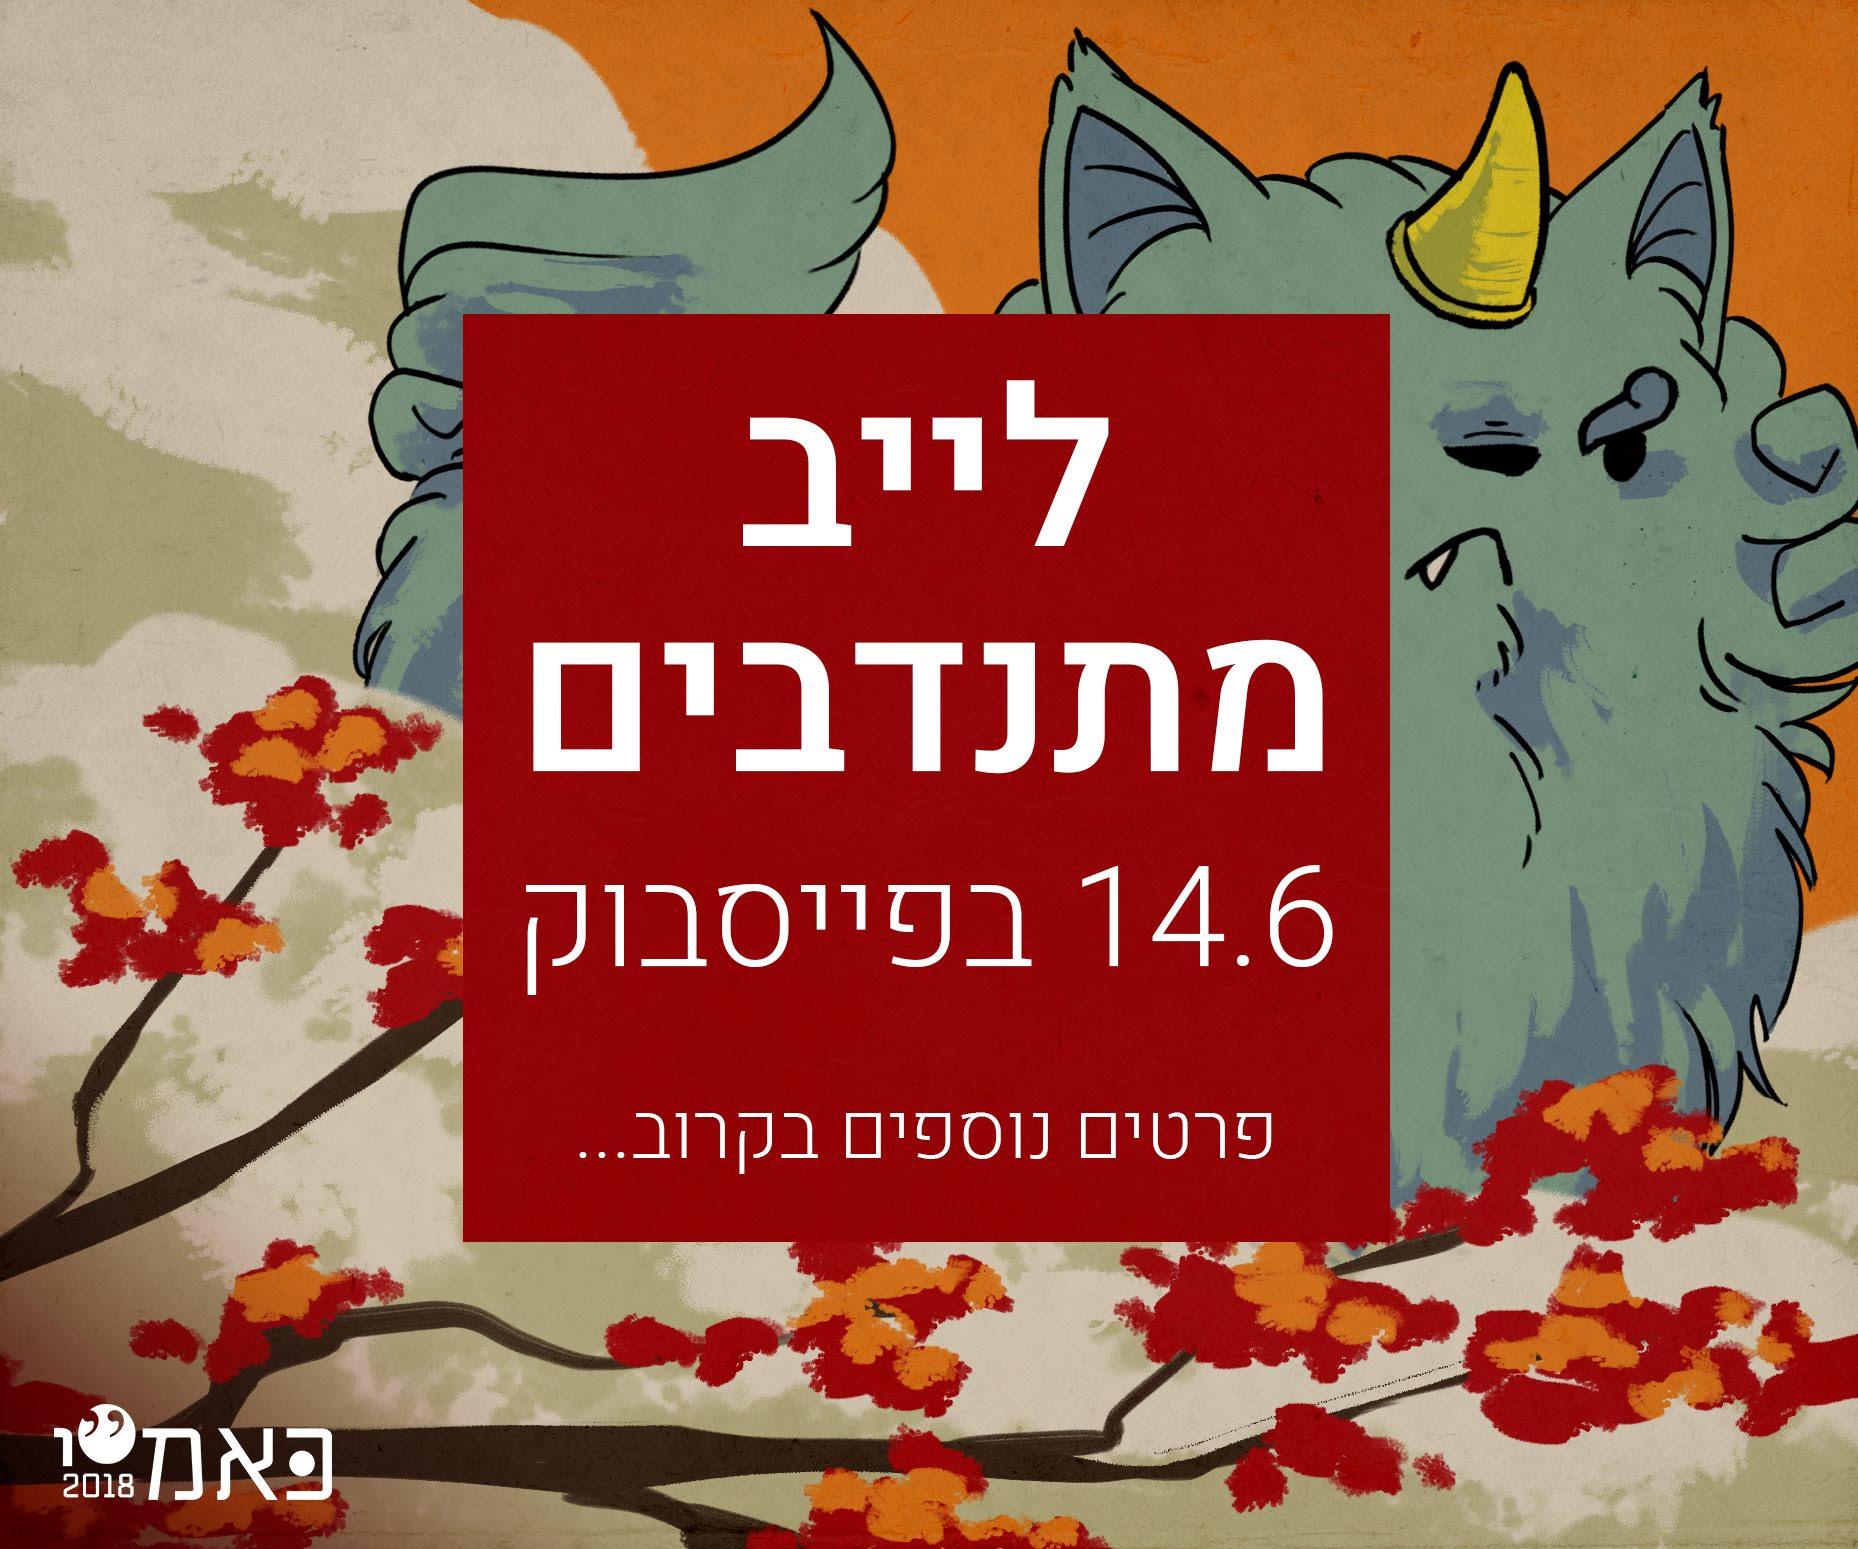 עיצוב: Yael Givon